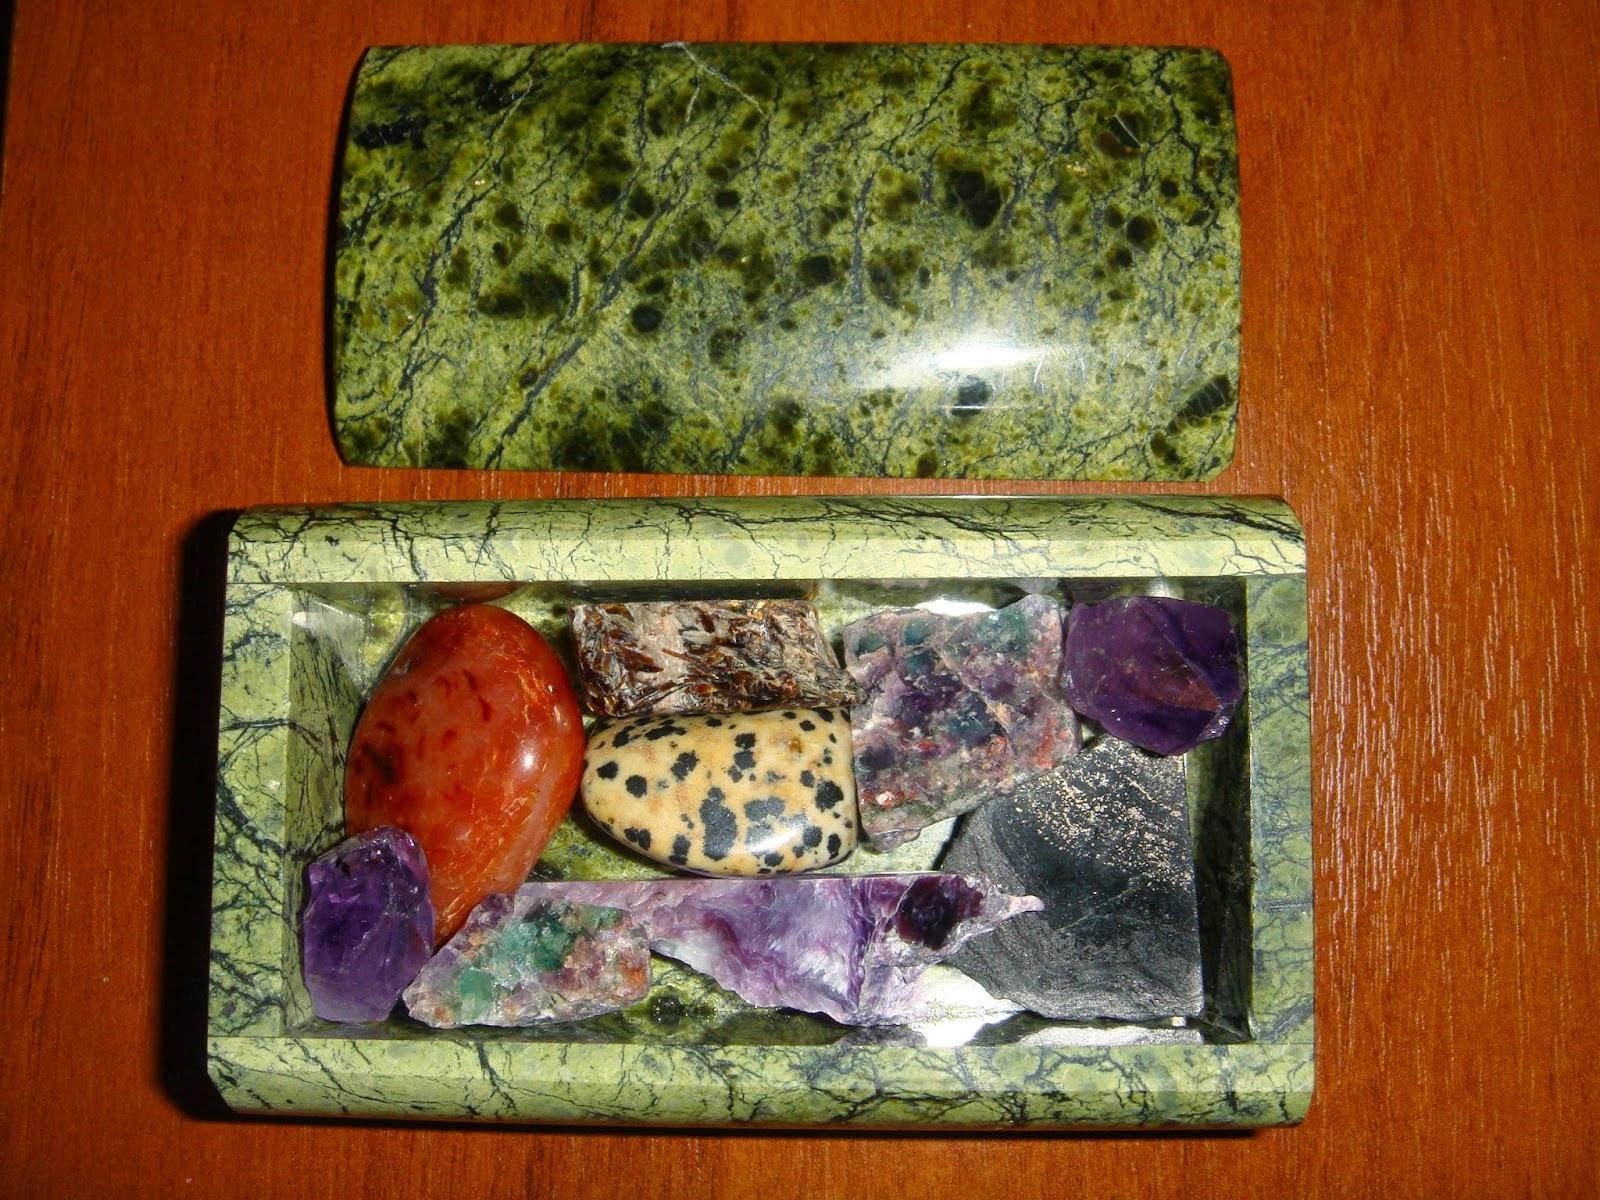 Образцы разных минералов в шкатулке из змеевика.